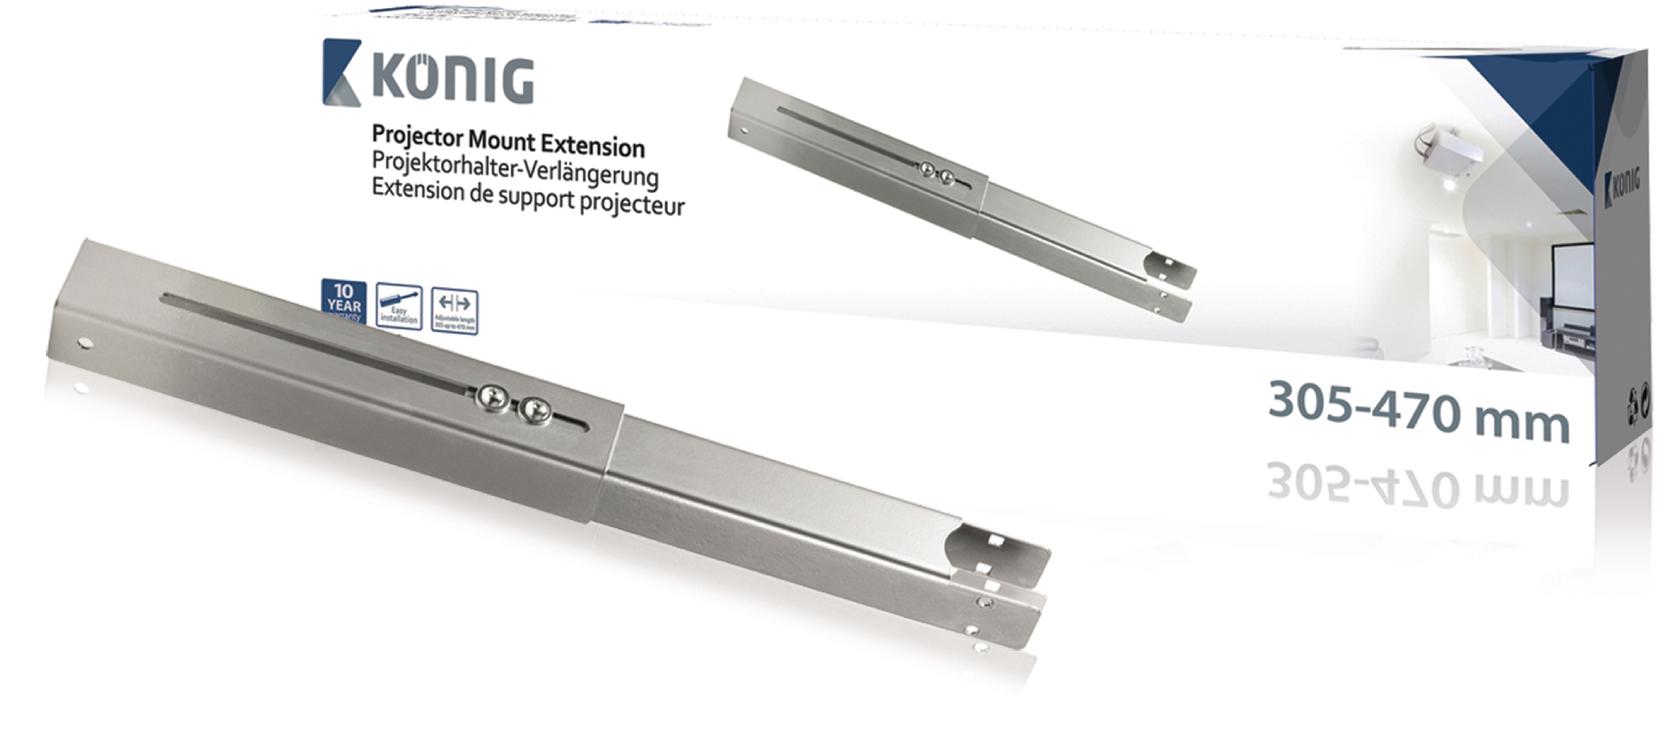 Konig Projectorbeugel verlenger 305-470 mm zilver (KNM-PME11)